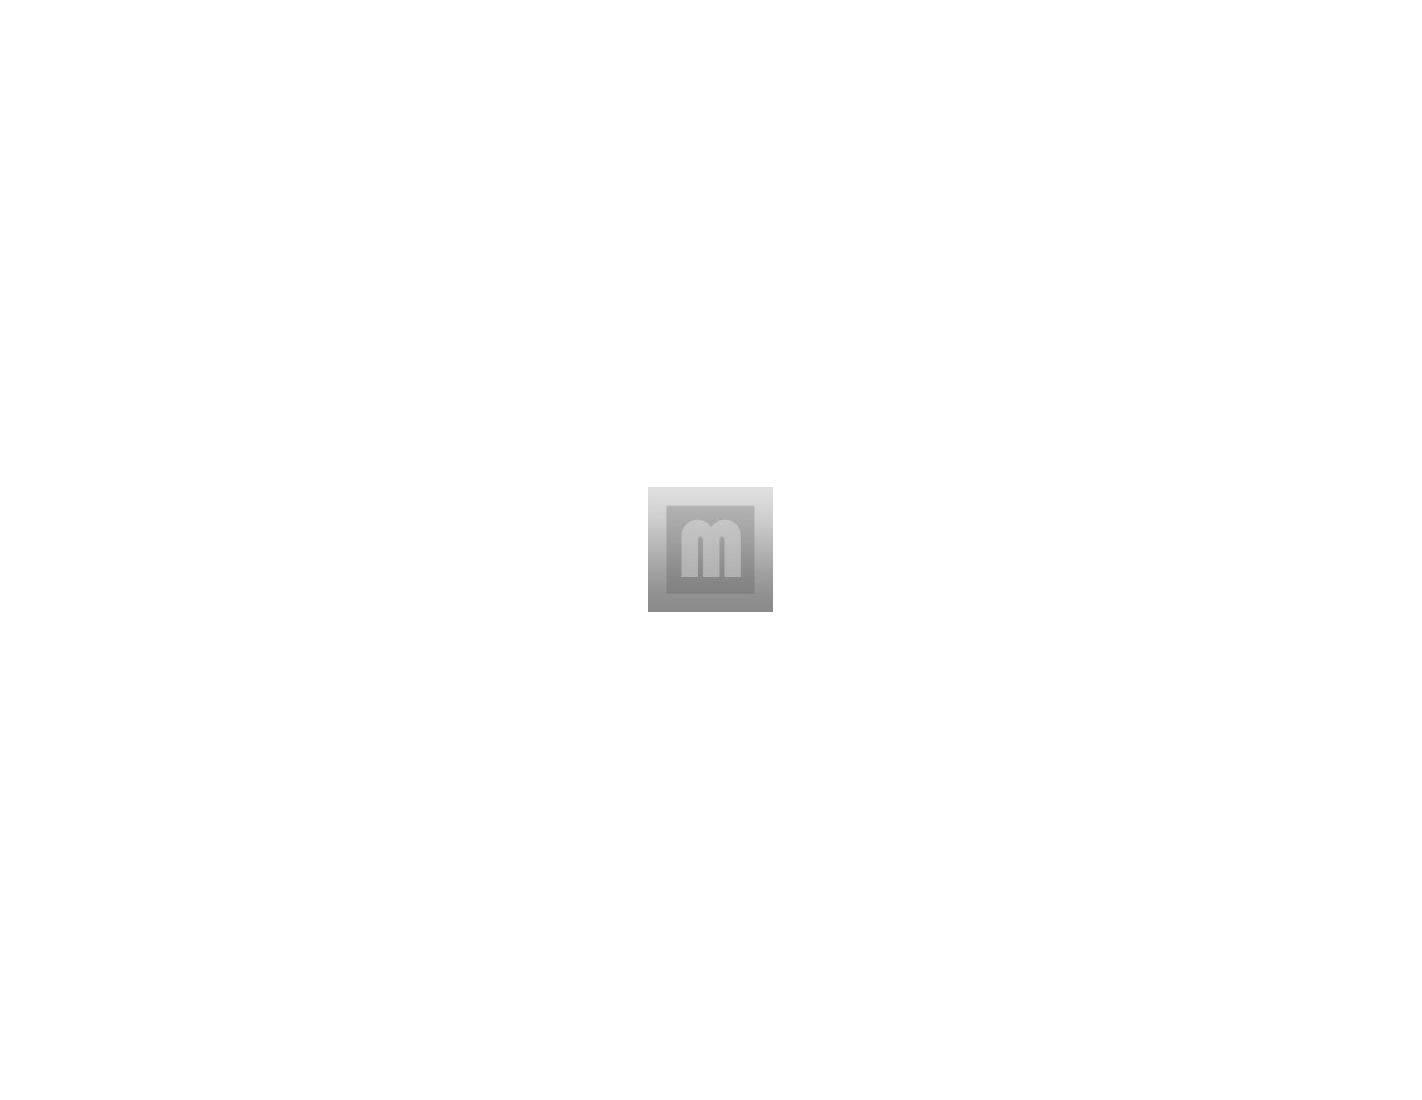 Schabak 920 003 concorde air france 1 600 modellino for Modellino concorde